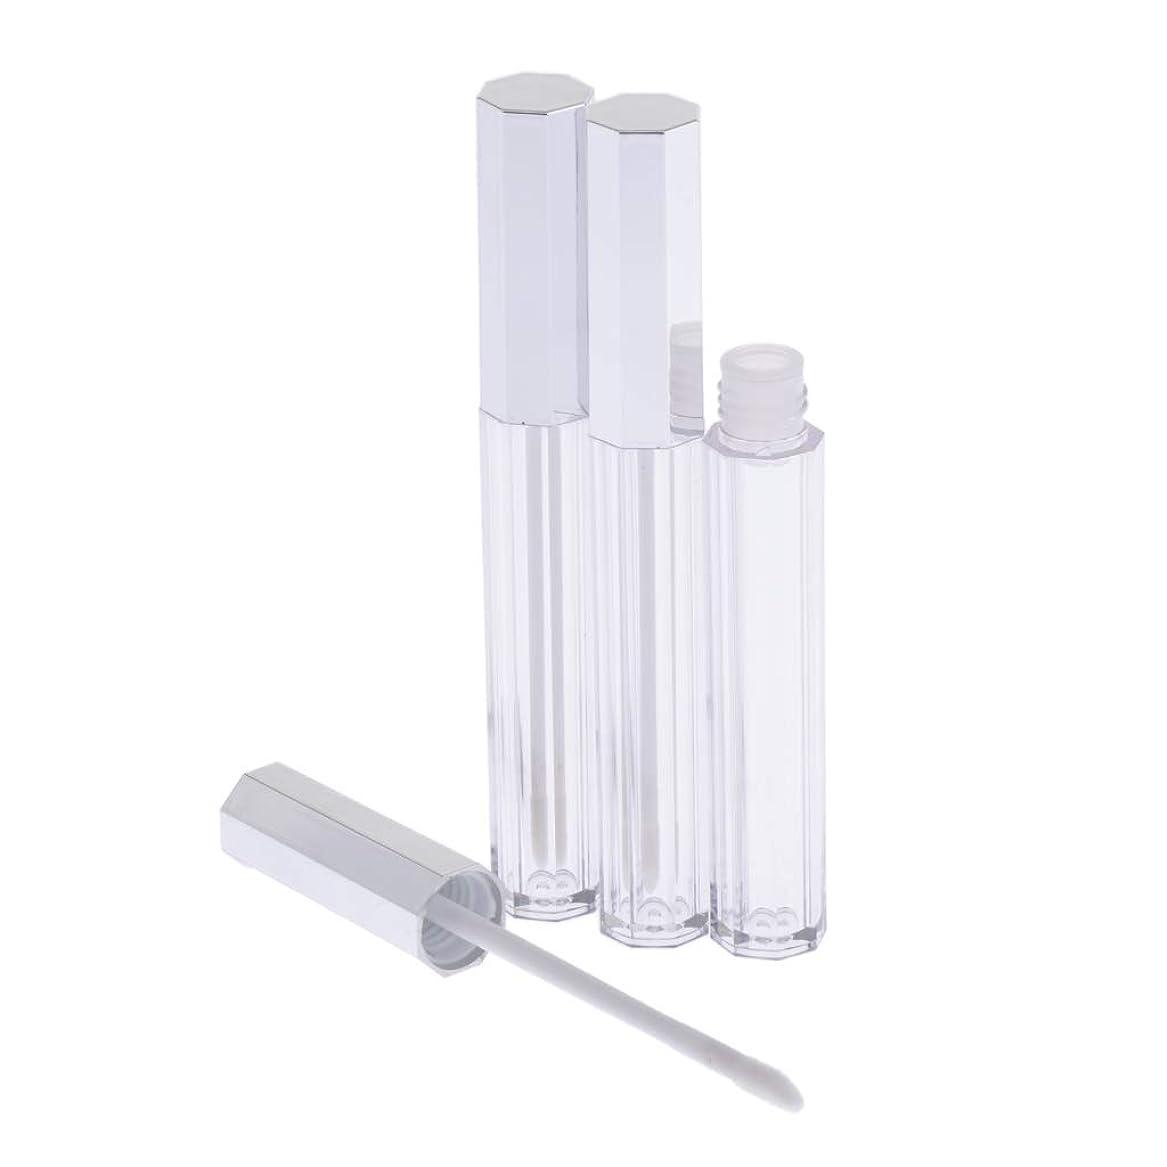 タクシー顎ウールT TOOYFUL リップグロス 容器 チューブ 口紅 容器 空 プラスチック リップグロスボトル 5ml 3個セット